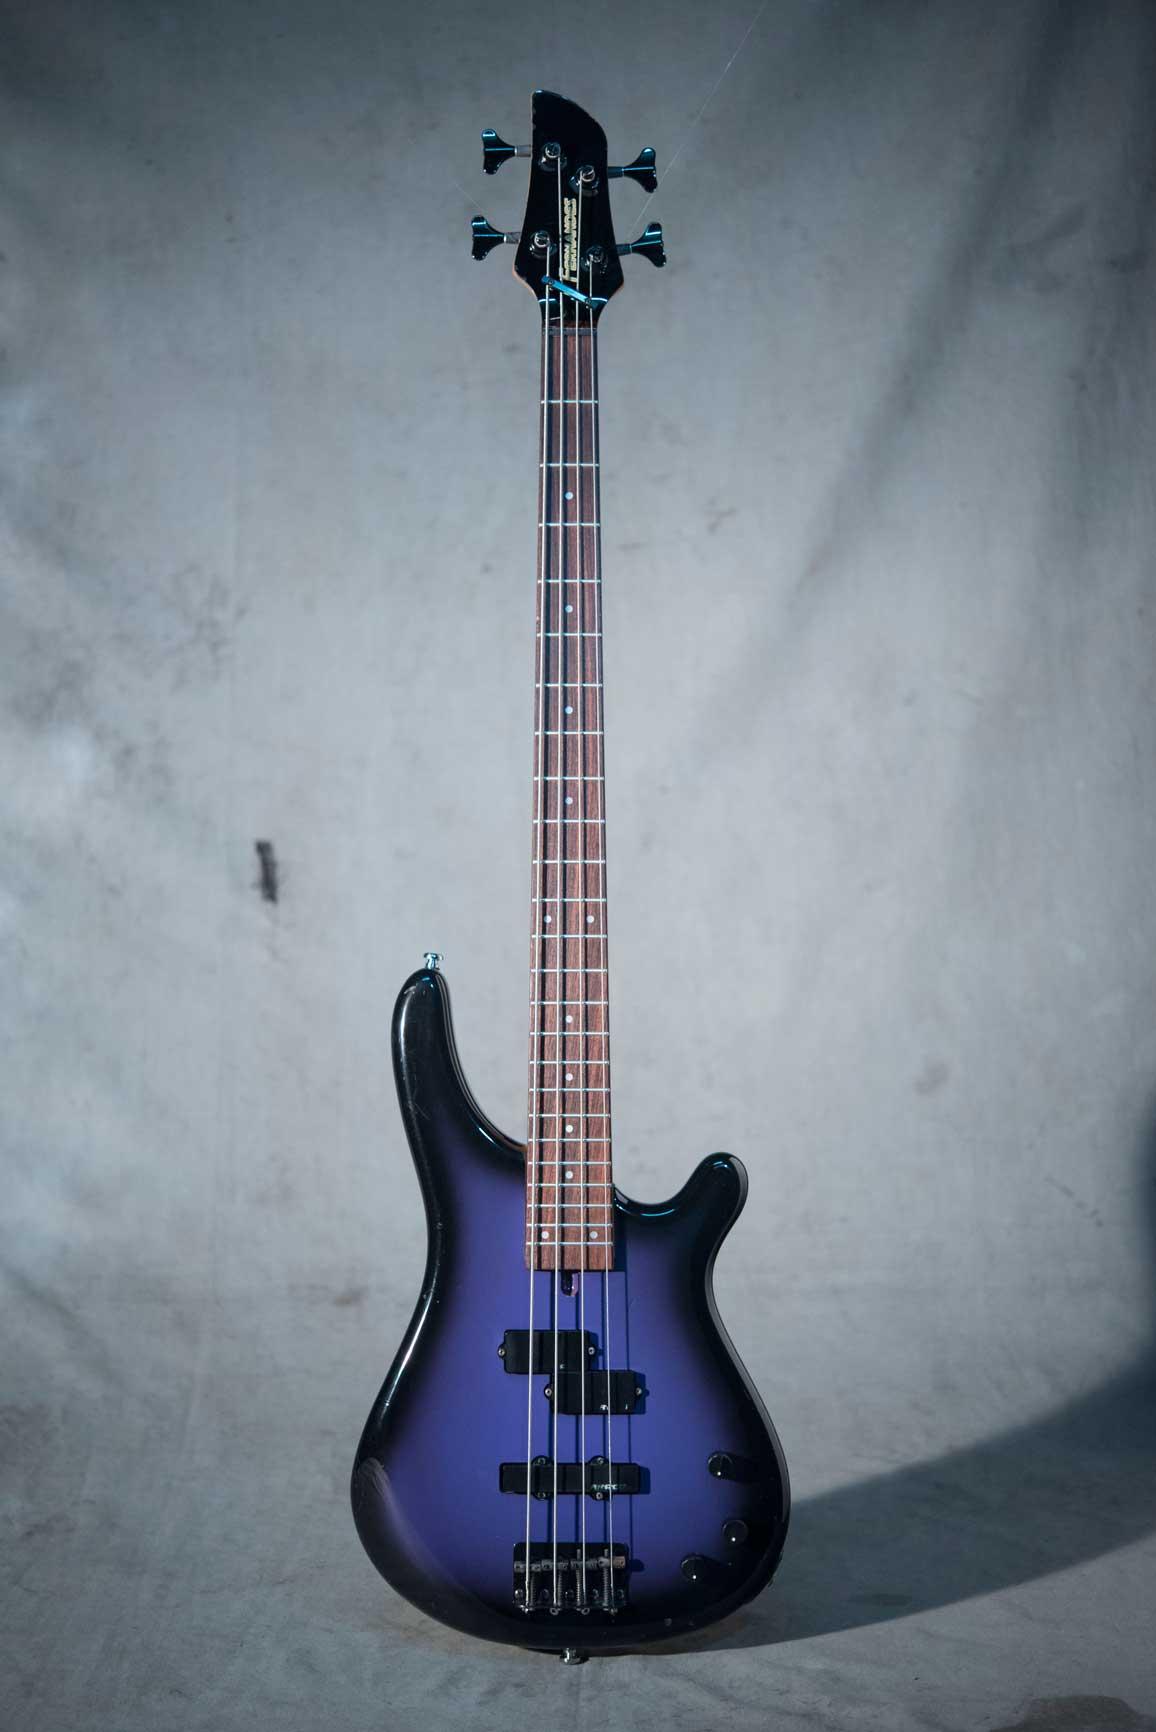 กีต้าร์ Bass ไฟฟ้ามือสอง FERNANDES FRB-40 Purple Burst